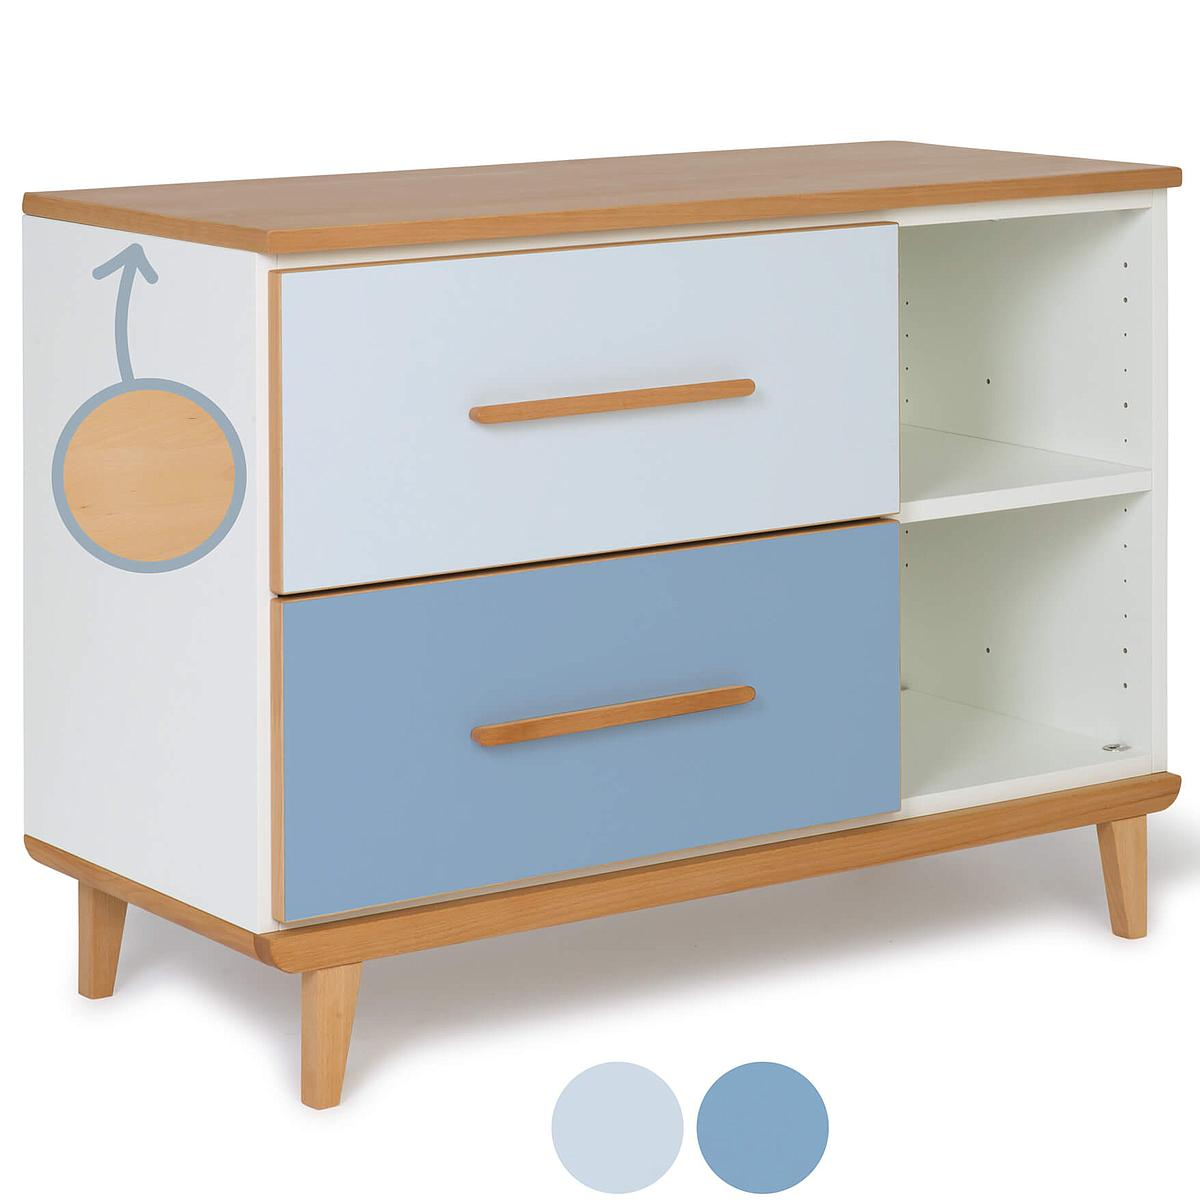 Kleinmöbel 2 Schubladen NADO By A.K. sky blue-capri blue